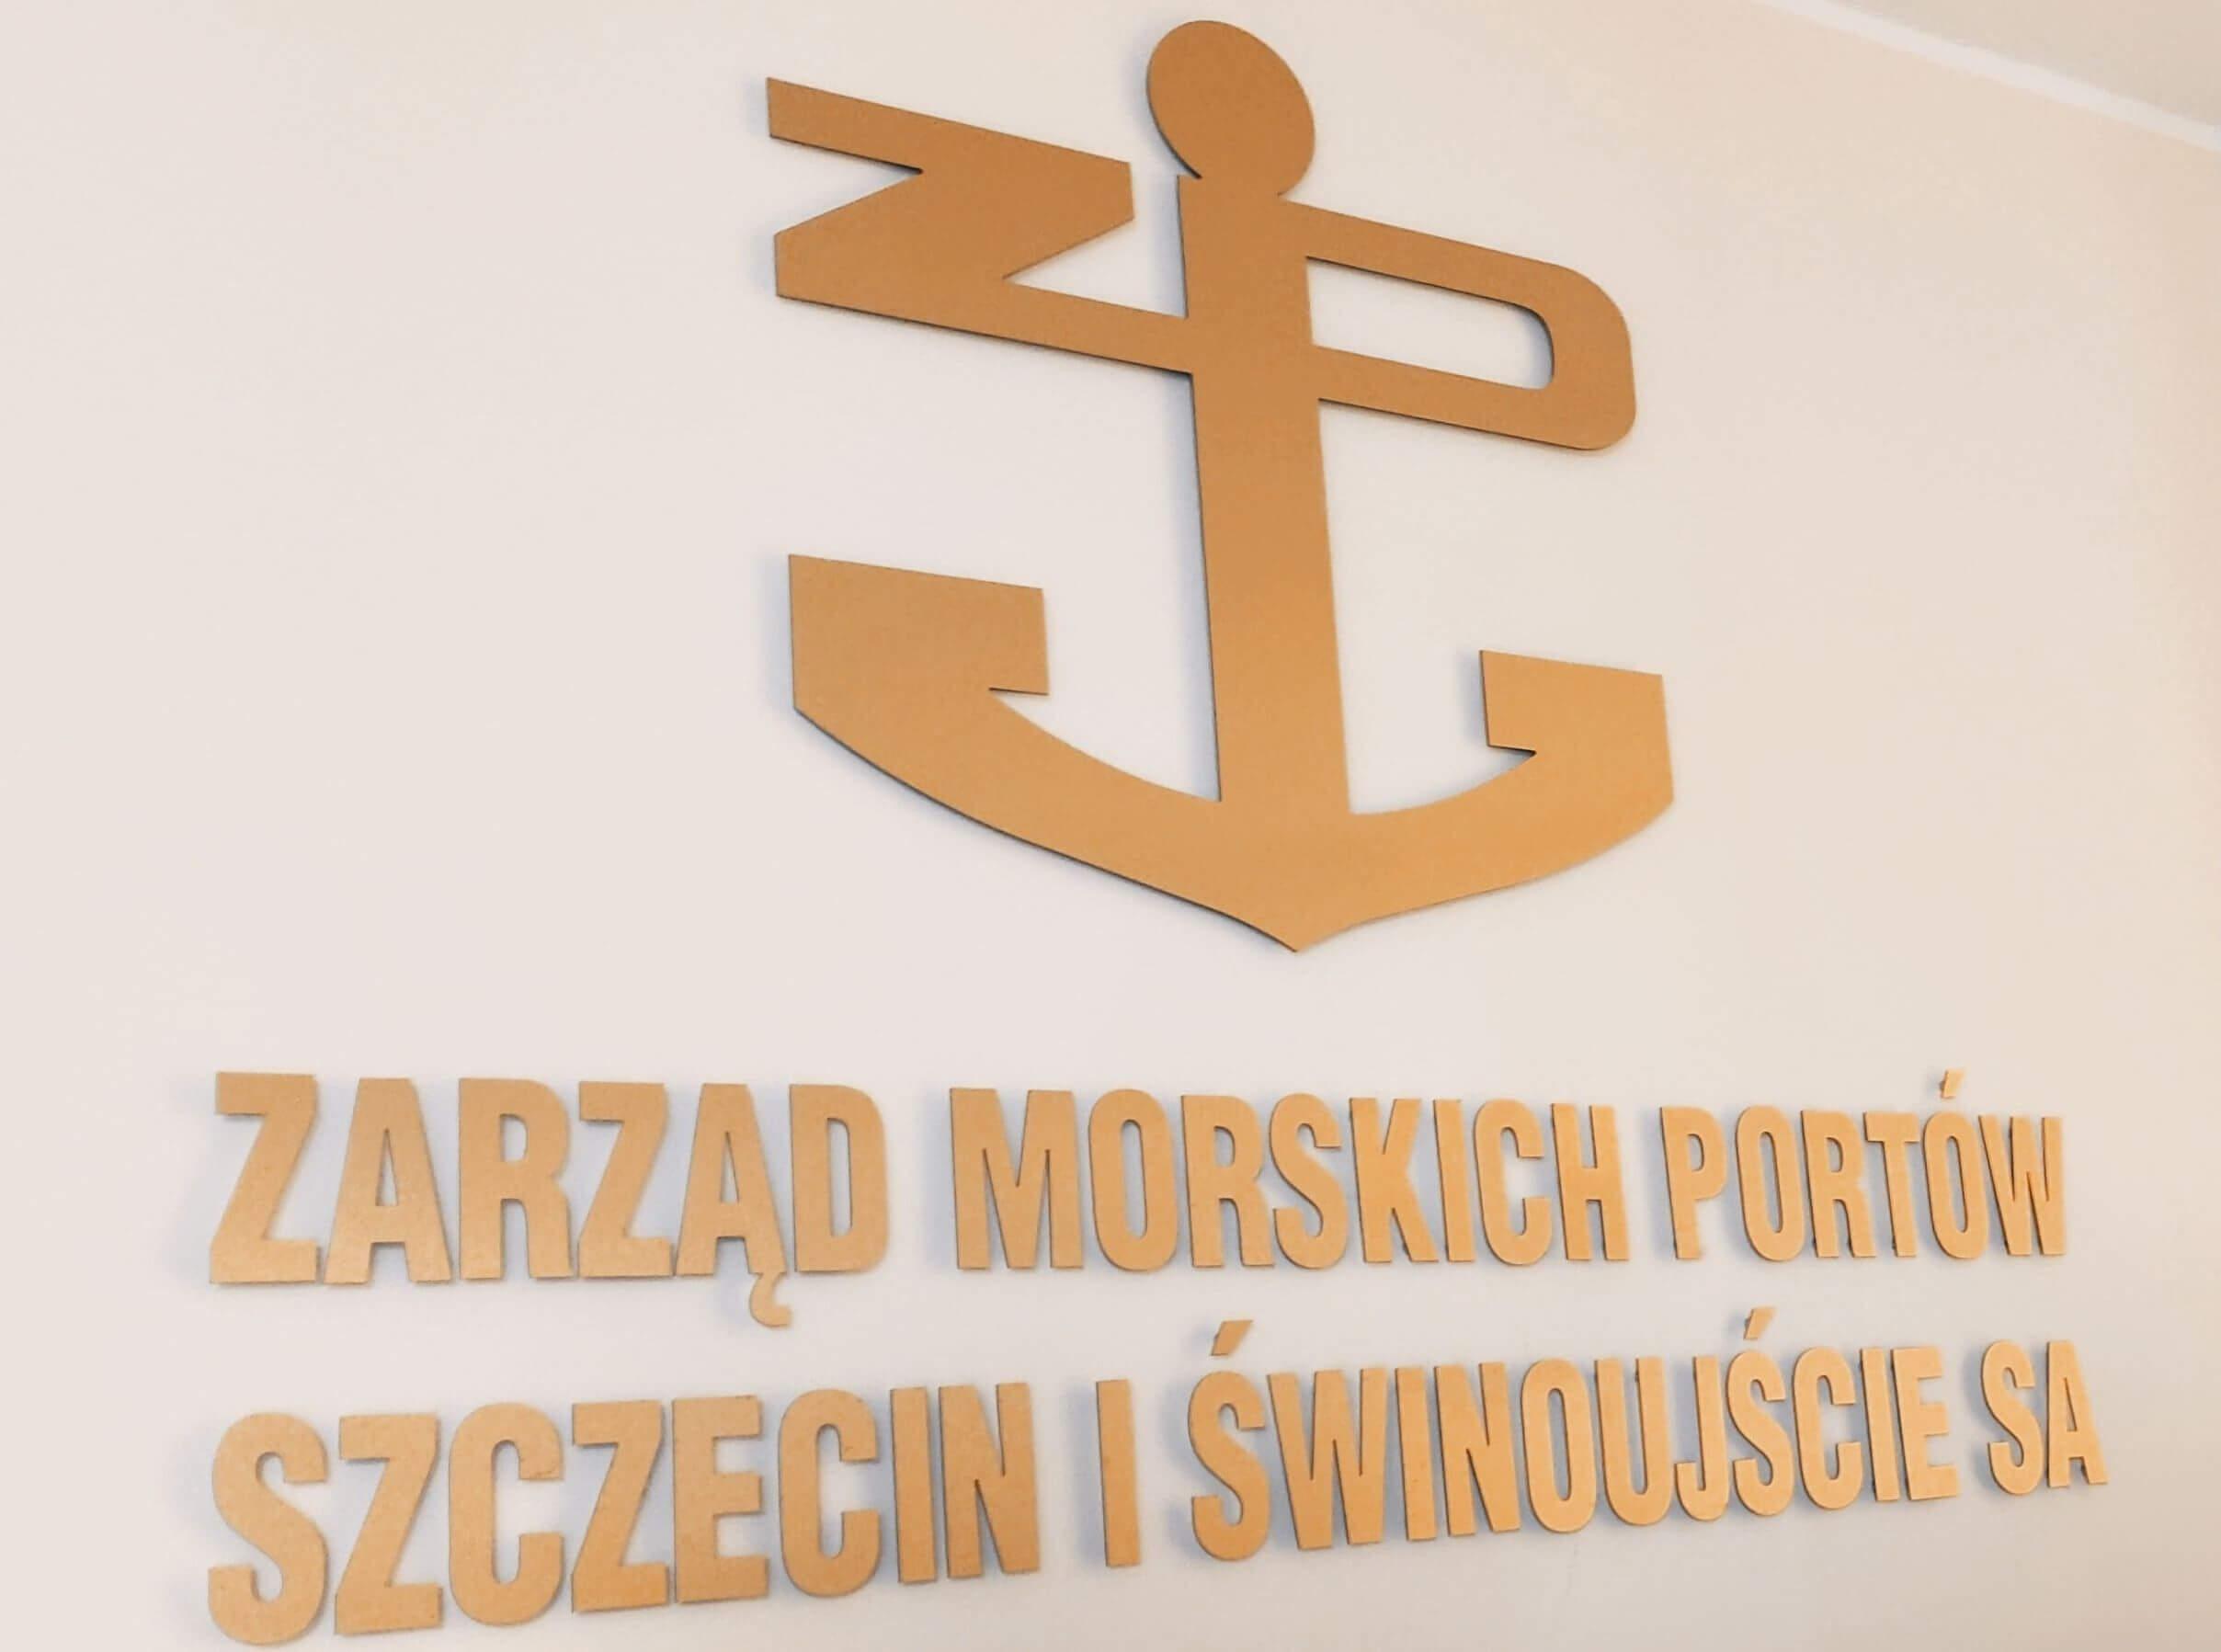 Zarząd Morskich Portów Szczecin i Świnoujście. Apel do posiadaczy papierowych akcji spółki.